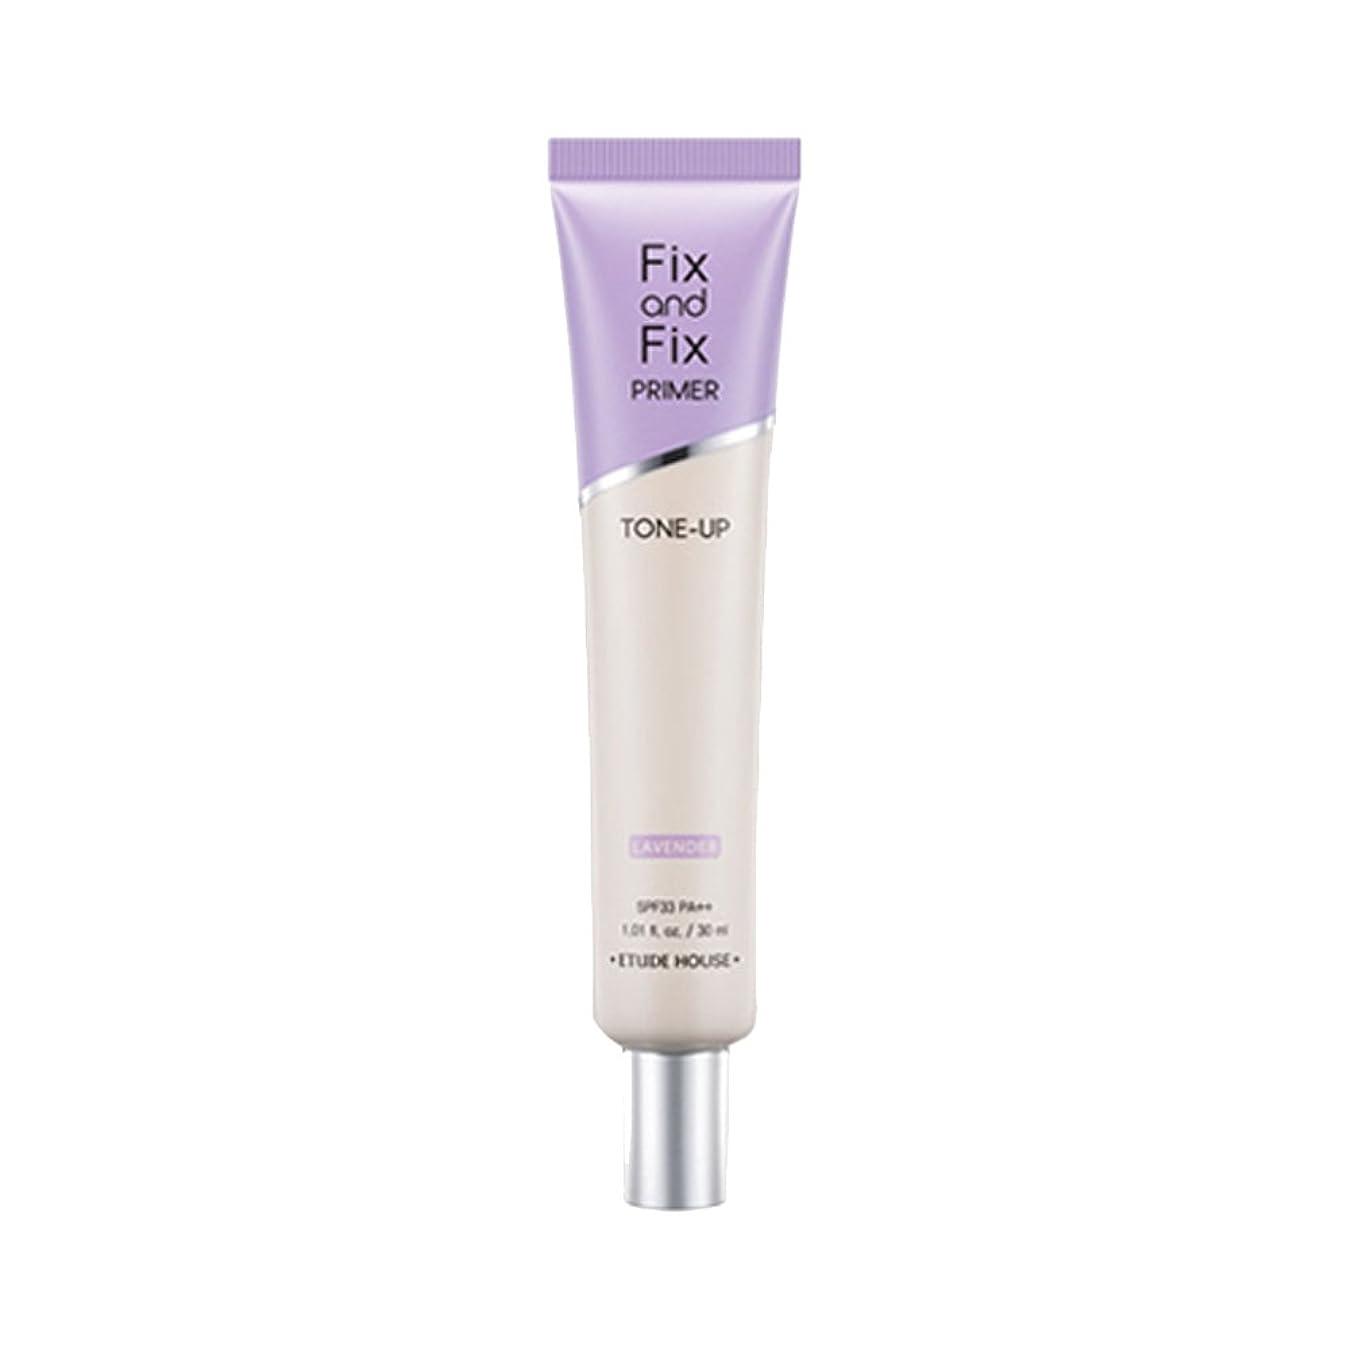 警告するそれぞれ縫う(3 Pack) ETUDE HOUSE Fix And Fix Primer Tone Up Primer - Lavender (並行輸入品)